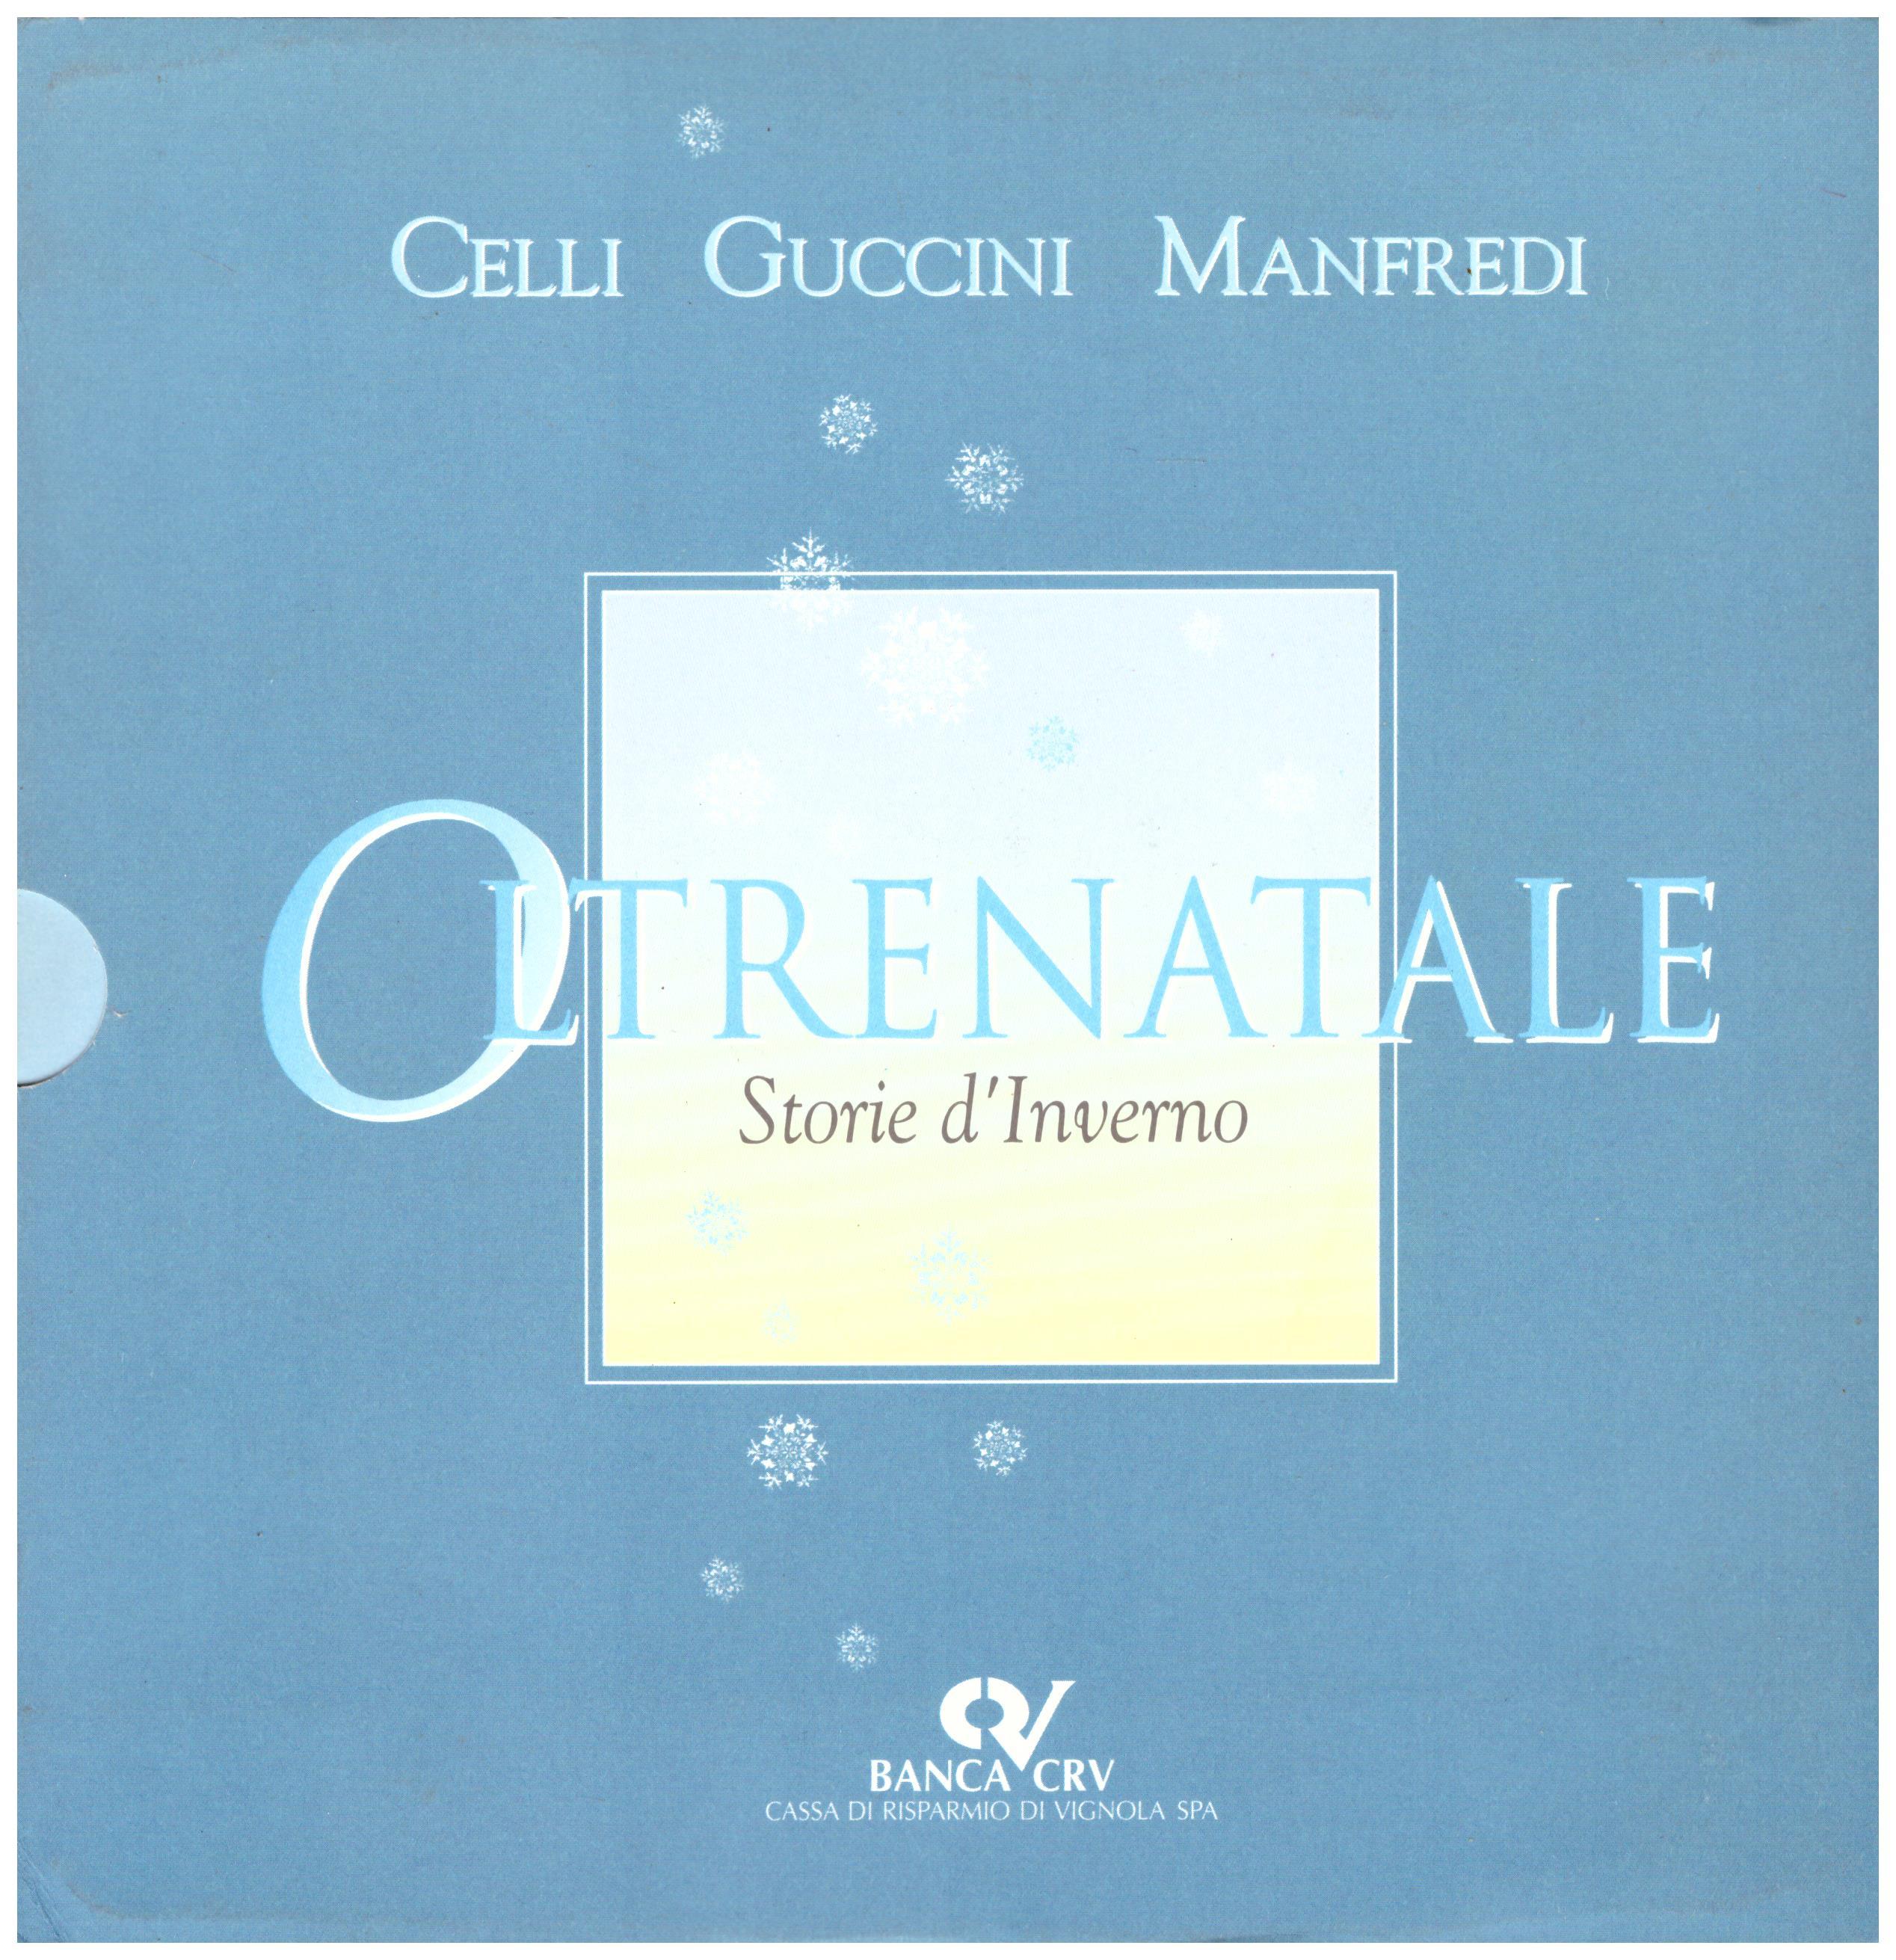 Titolo: Oltrenatale storie d'inverno  Autore: Giorgio Celli, Francesco Guccini, Valerio Massimo Manfredi  Editore: Coptip, Modena 1993